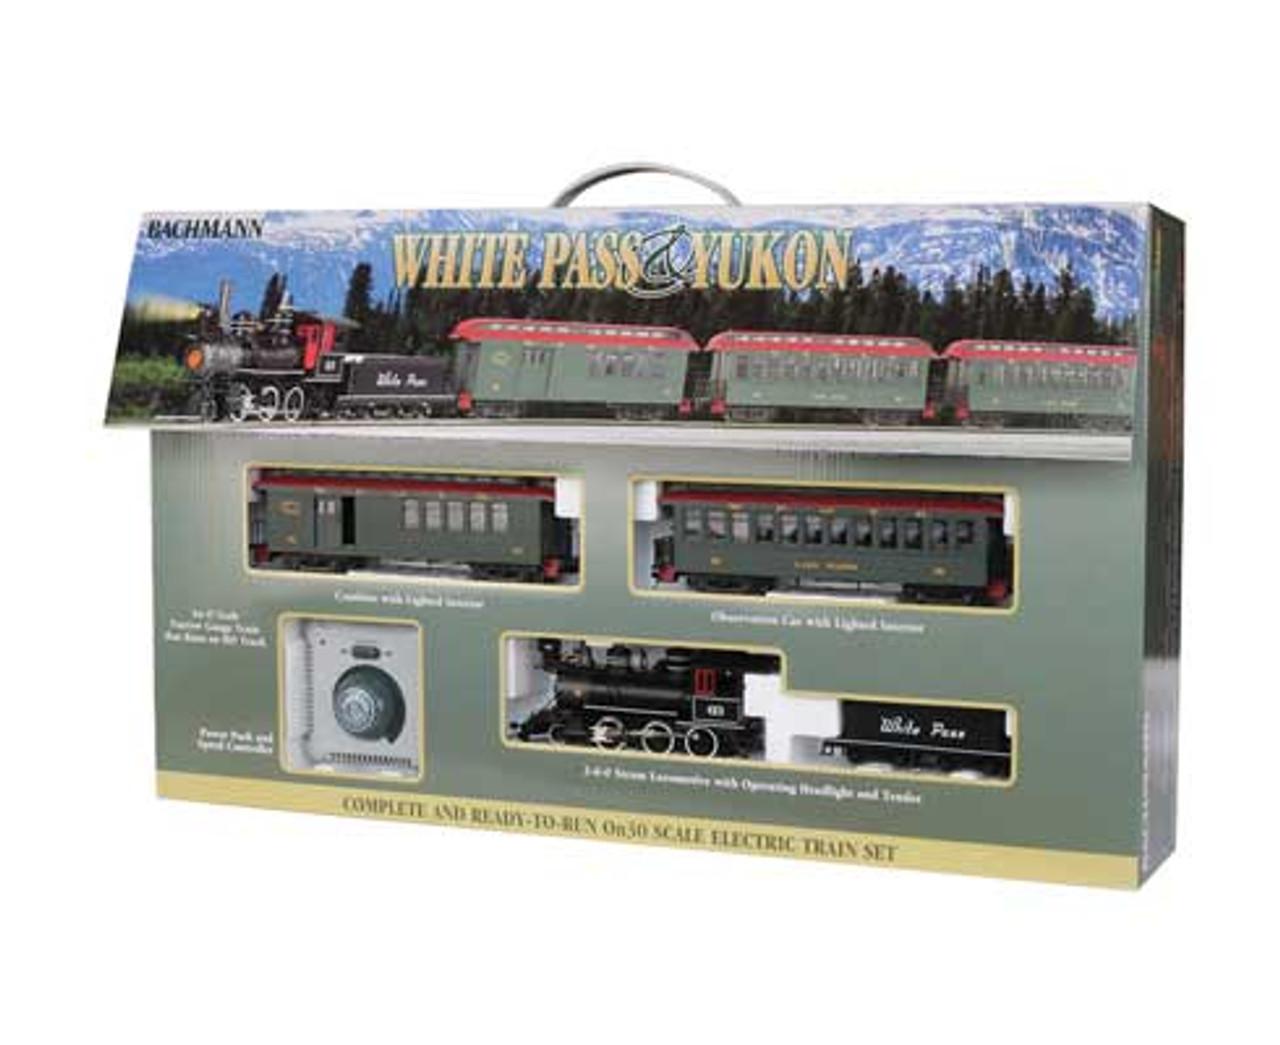 25024 Bachmann / WP&Y Passenger Train Set (SCALE=On30) Part#=160-25024